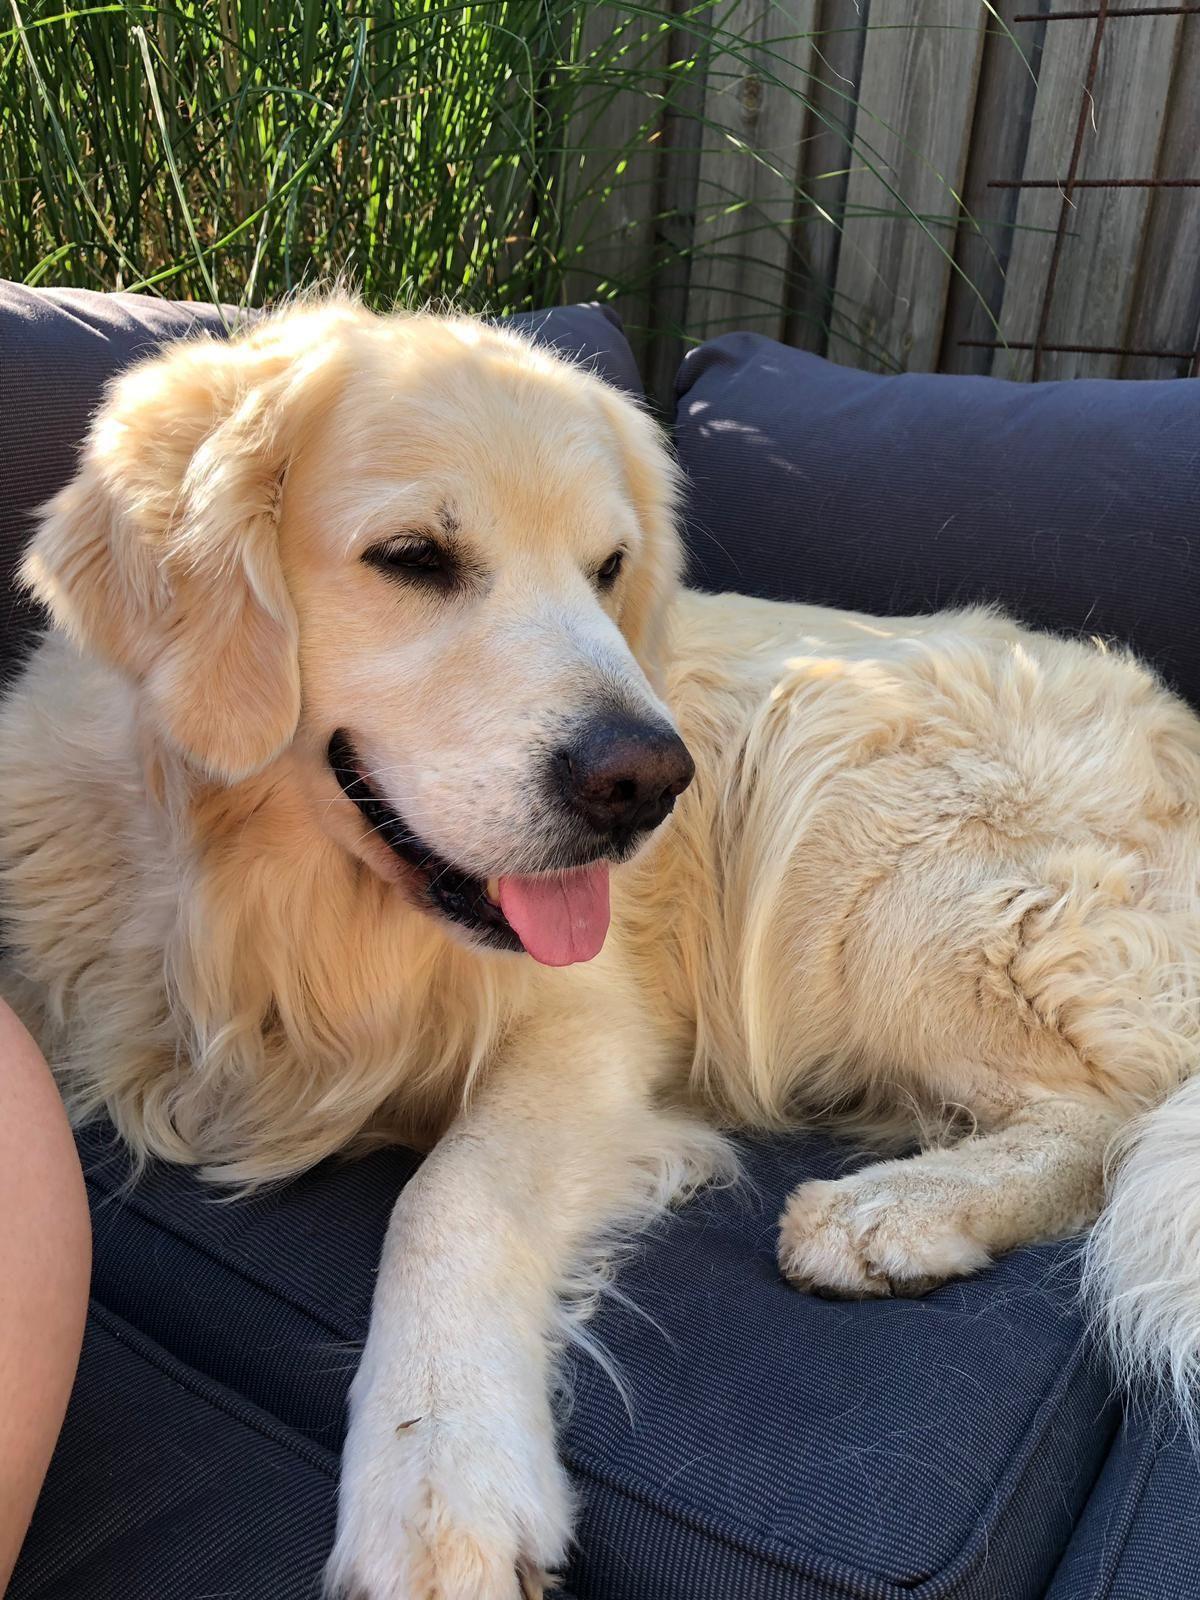 My Beautiful Boy Finn Goldenretriever Golden Retriever Dogs Dogs Golden Retriever